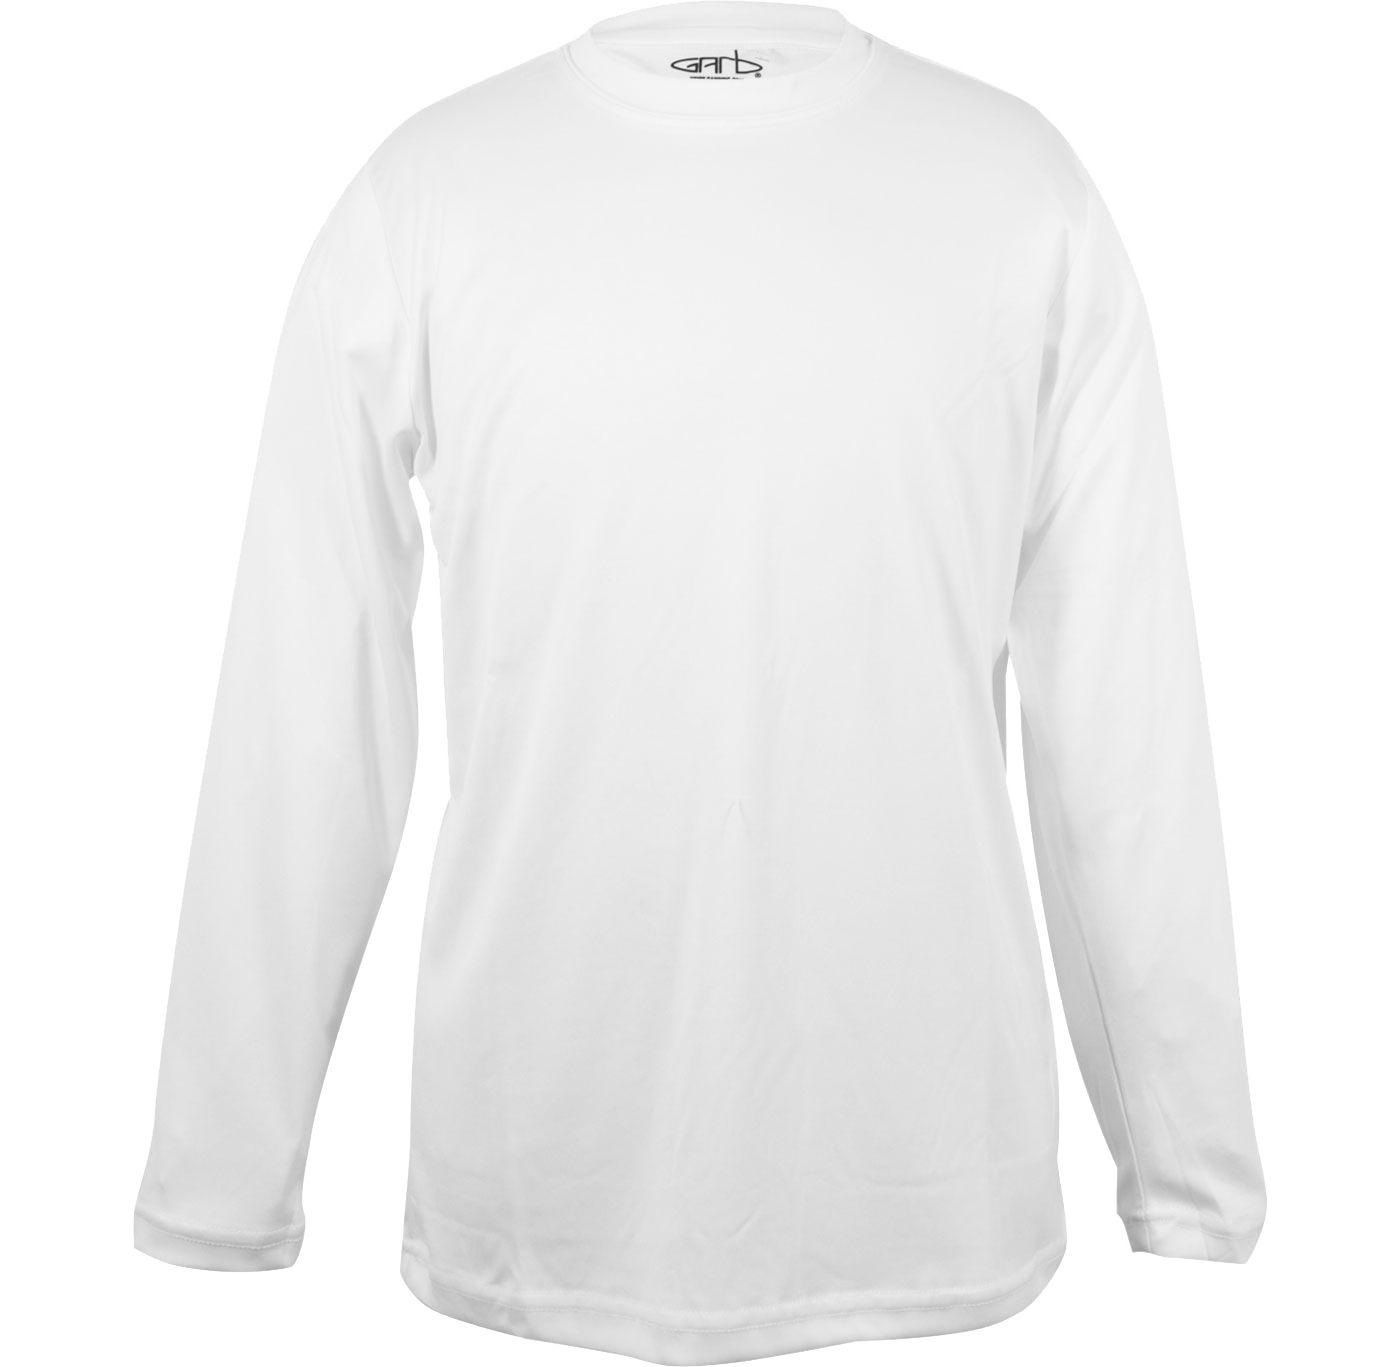 Garb Toddler Jessie Long Sleeve Shirt